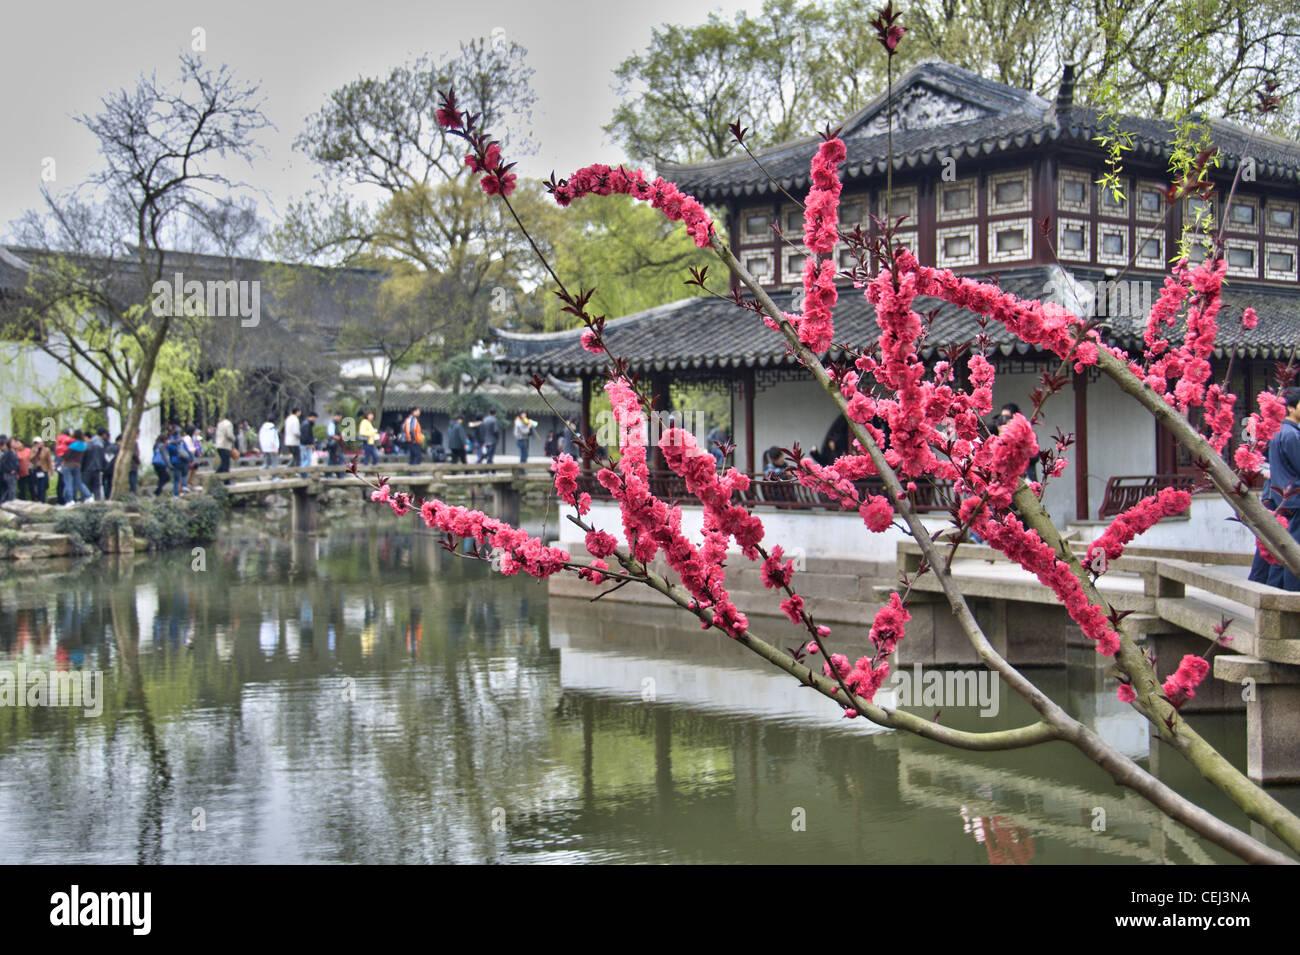 Stagno e pagoda all'Humble Administrator's garden - Suzhou (Cina) Immagini Stock